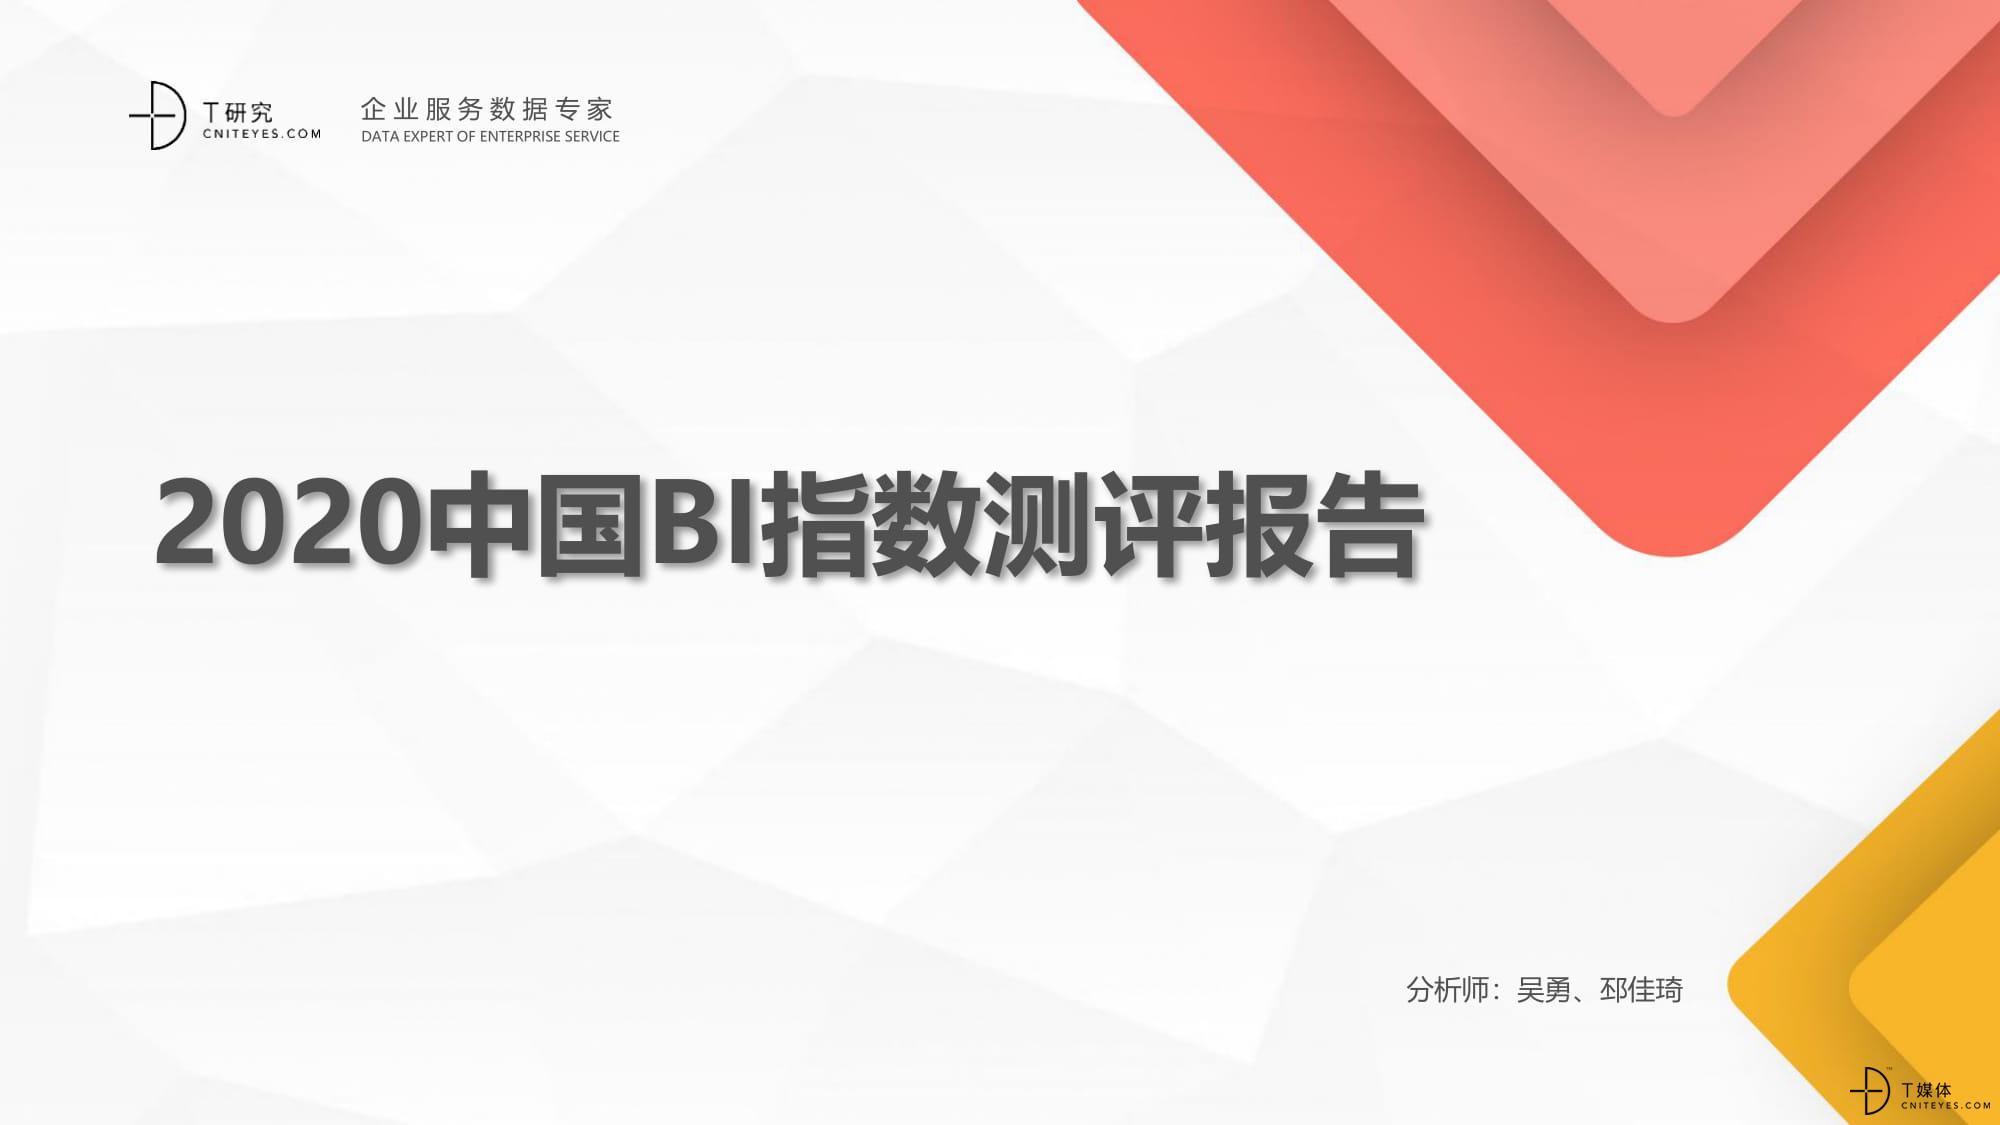 2020中国BI指数测评报告-01.jpg